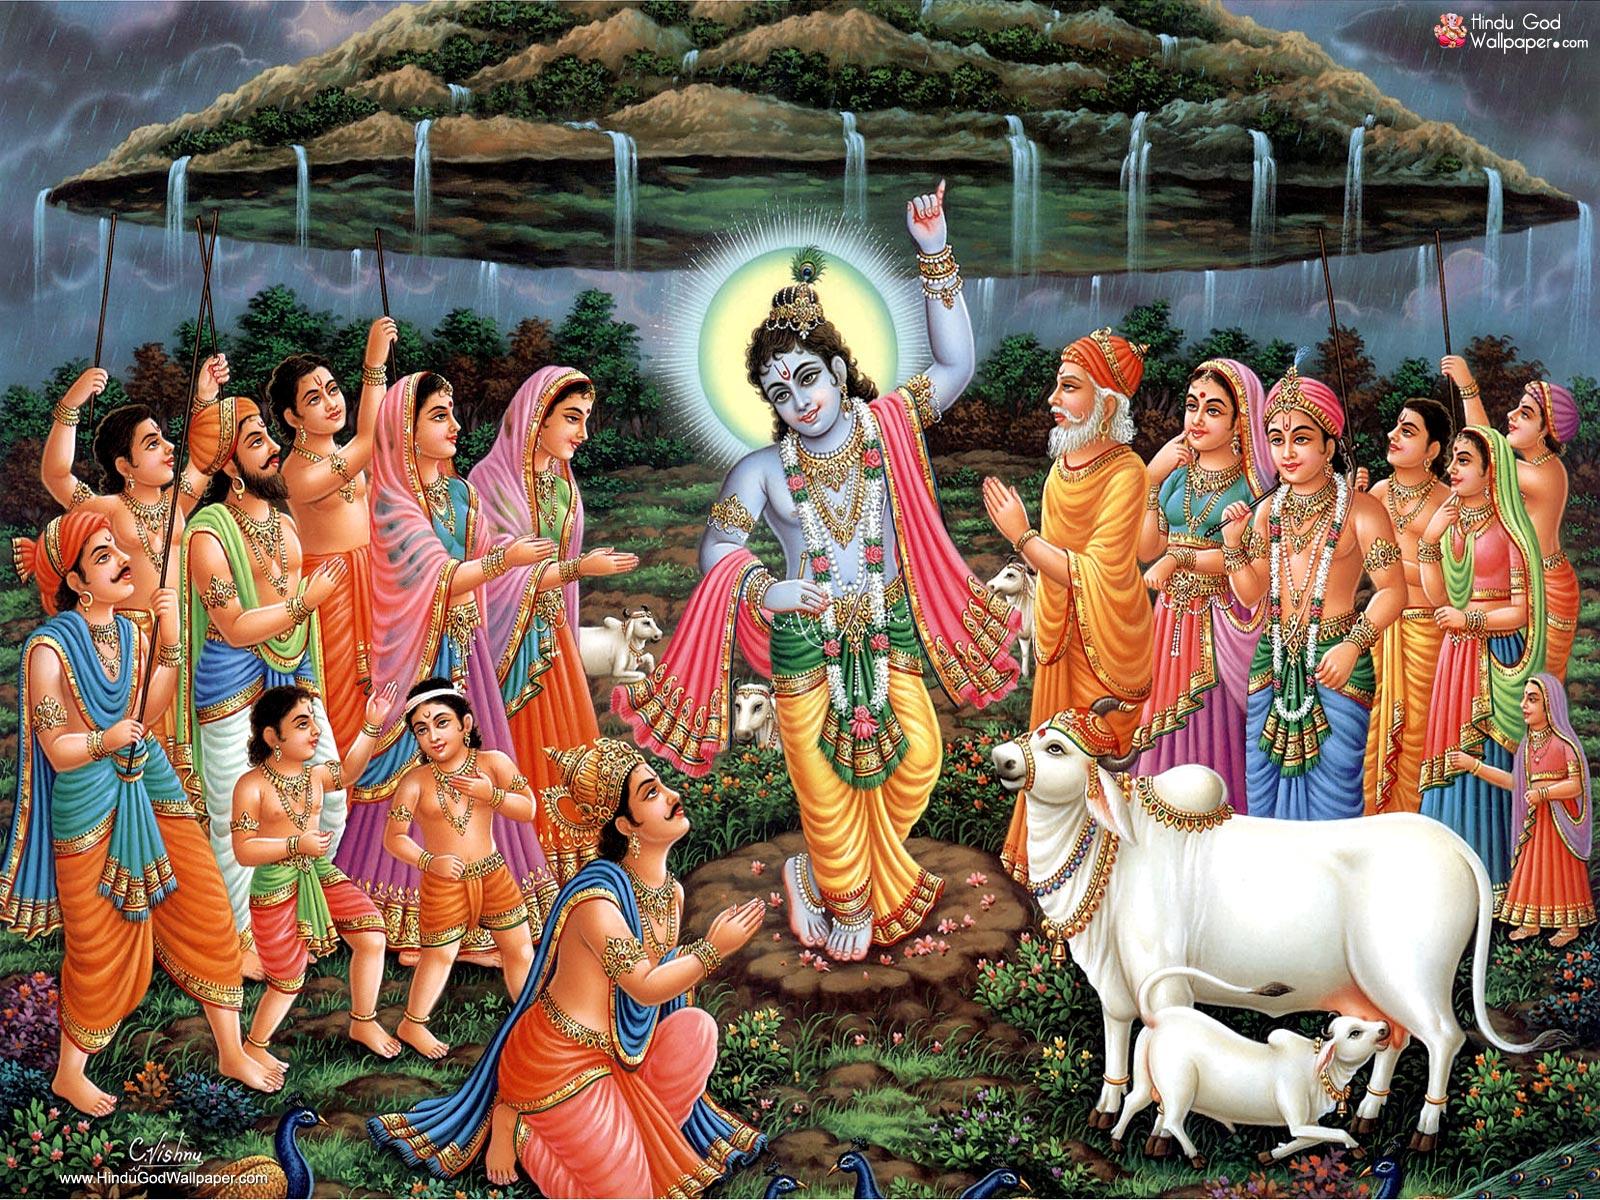 1080p lord krishna hd wallpapers full size download 1080p lord krishna hd wallpapers full